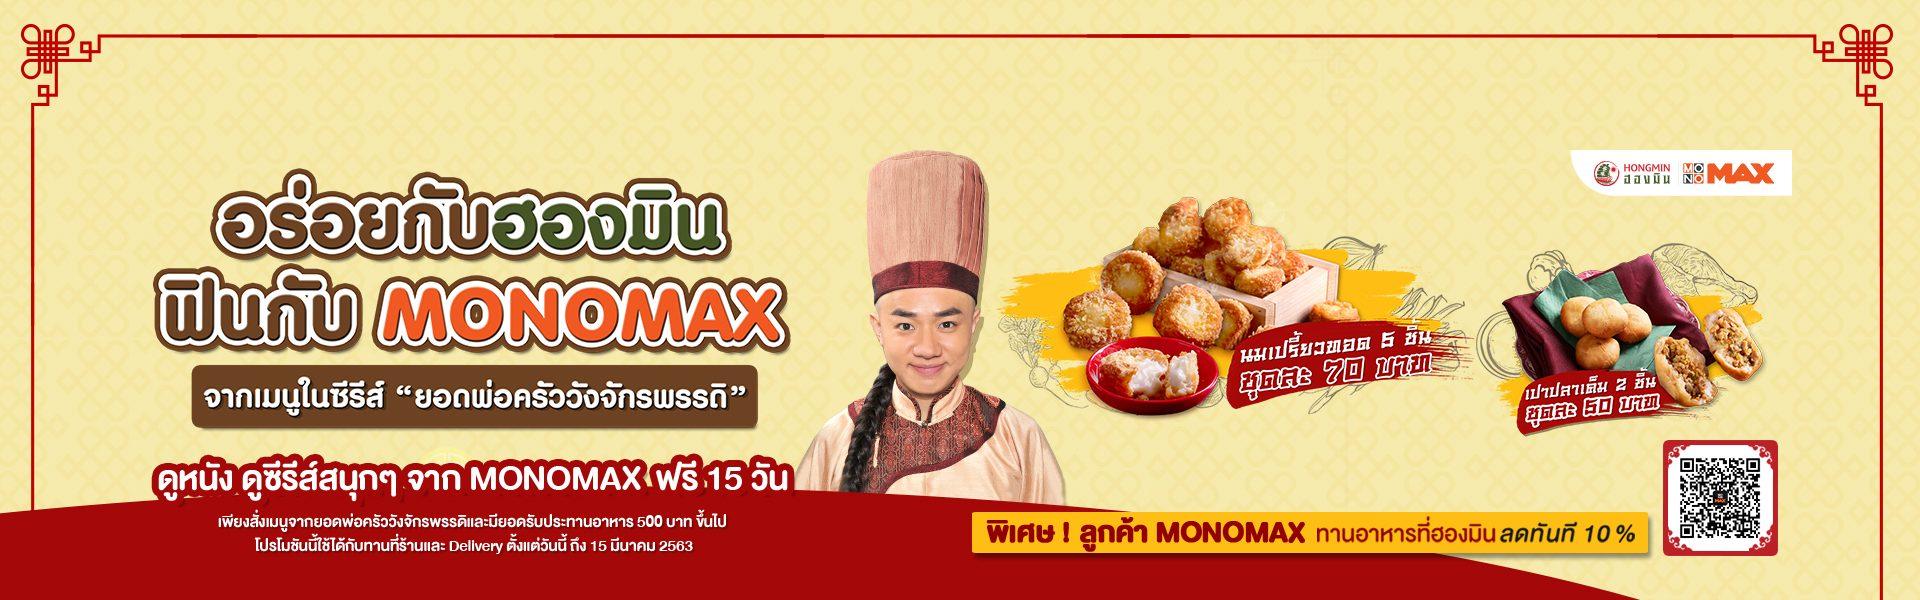 """แคมเปญ """"อร่อยกับ ฮองมิน ฟินกับ MONOMAX"""""""